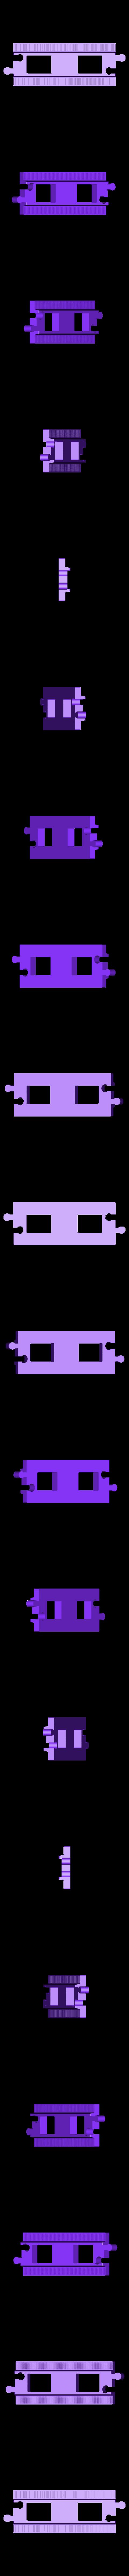 lego_tor_prosty.stl Télécharger fichier STL gratuit LEGO Duplo voie ferrée : droite (pleine grandeur) • Design pour imprimante 3D, kpawel